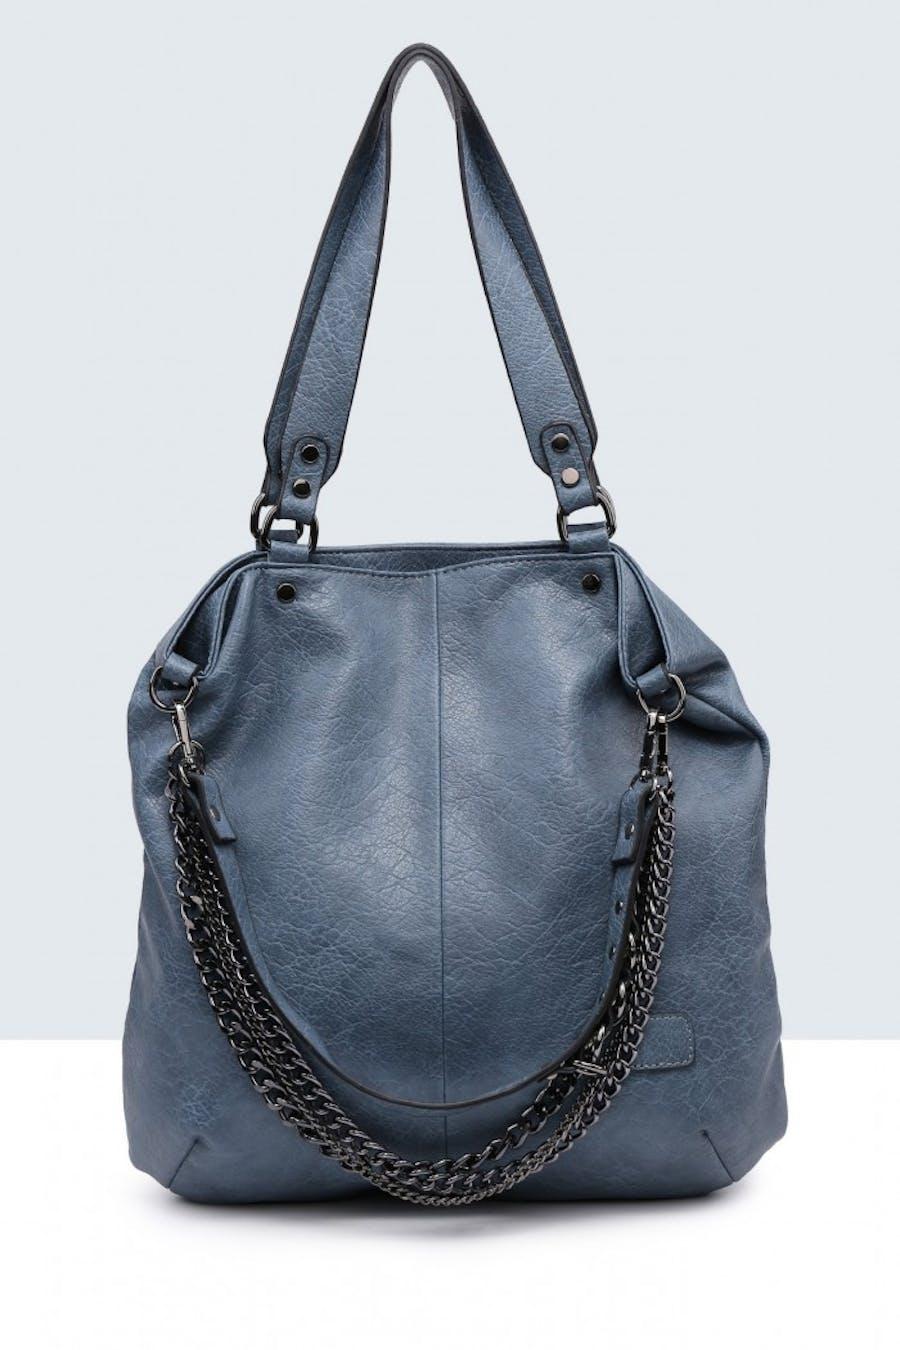 Bolso valentina shopper cadenas Azul